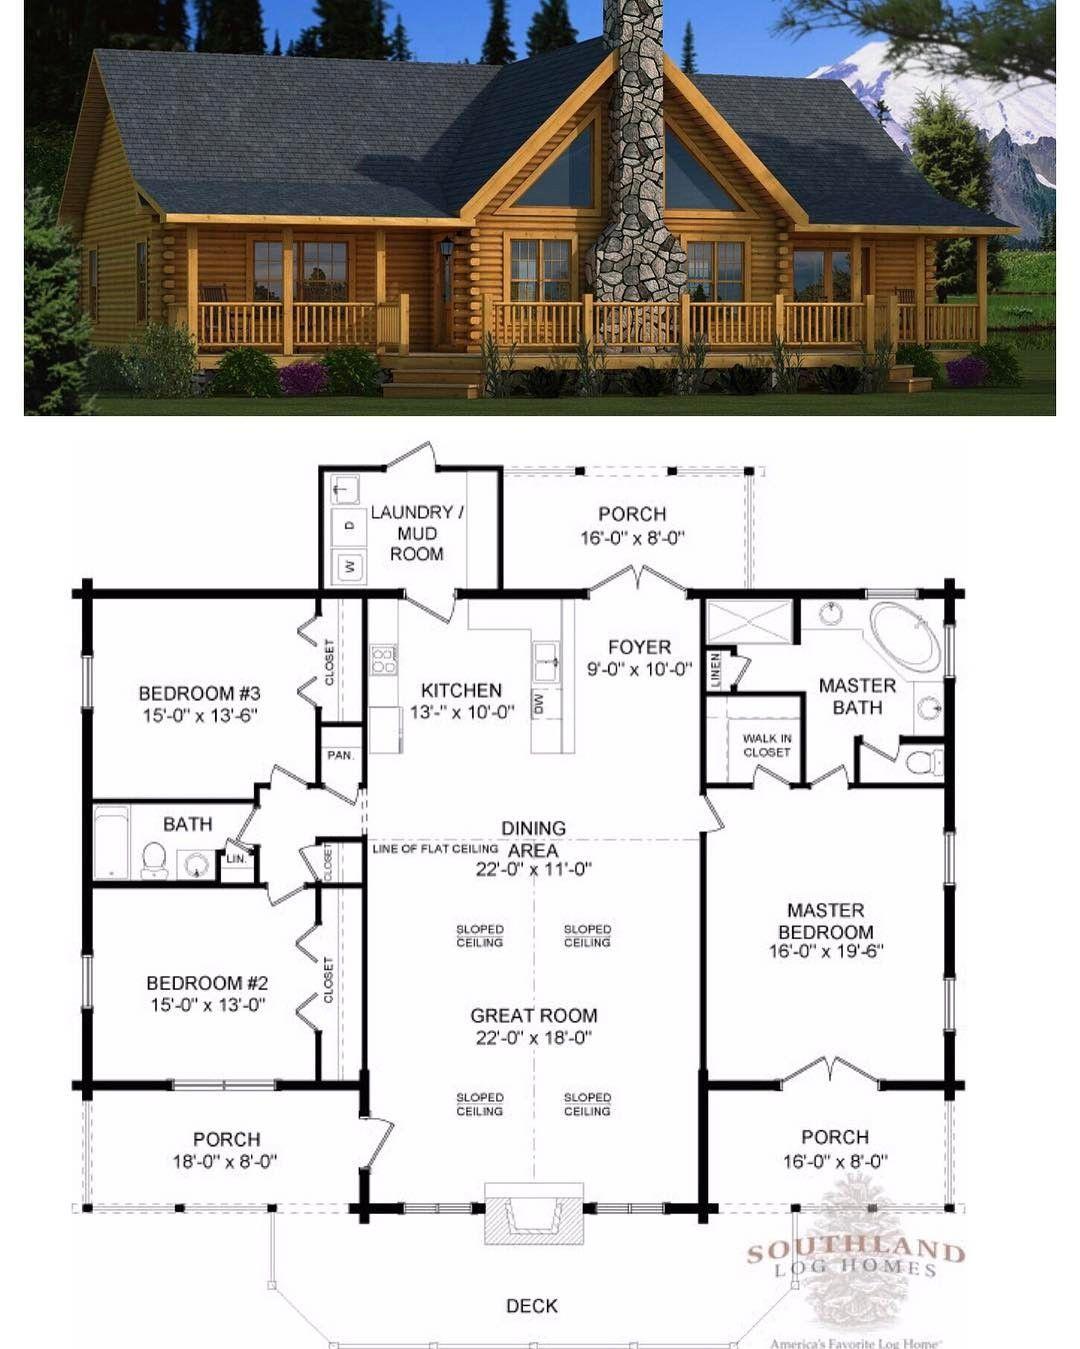 90 Likes 2 ments Southland Log Homes southlandloghom